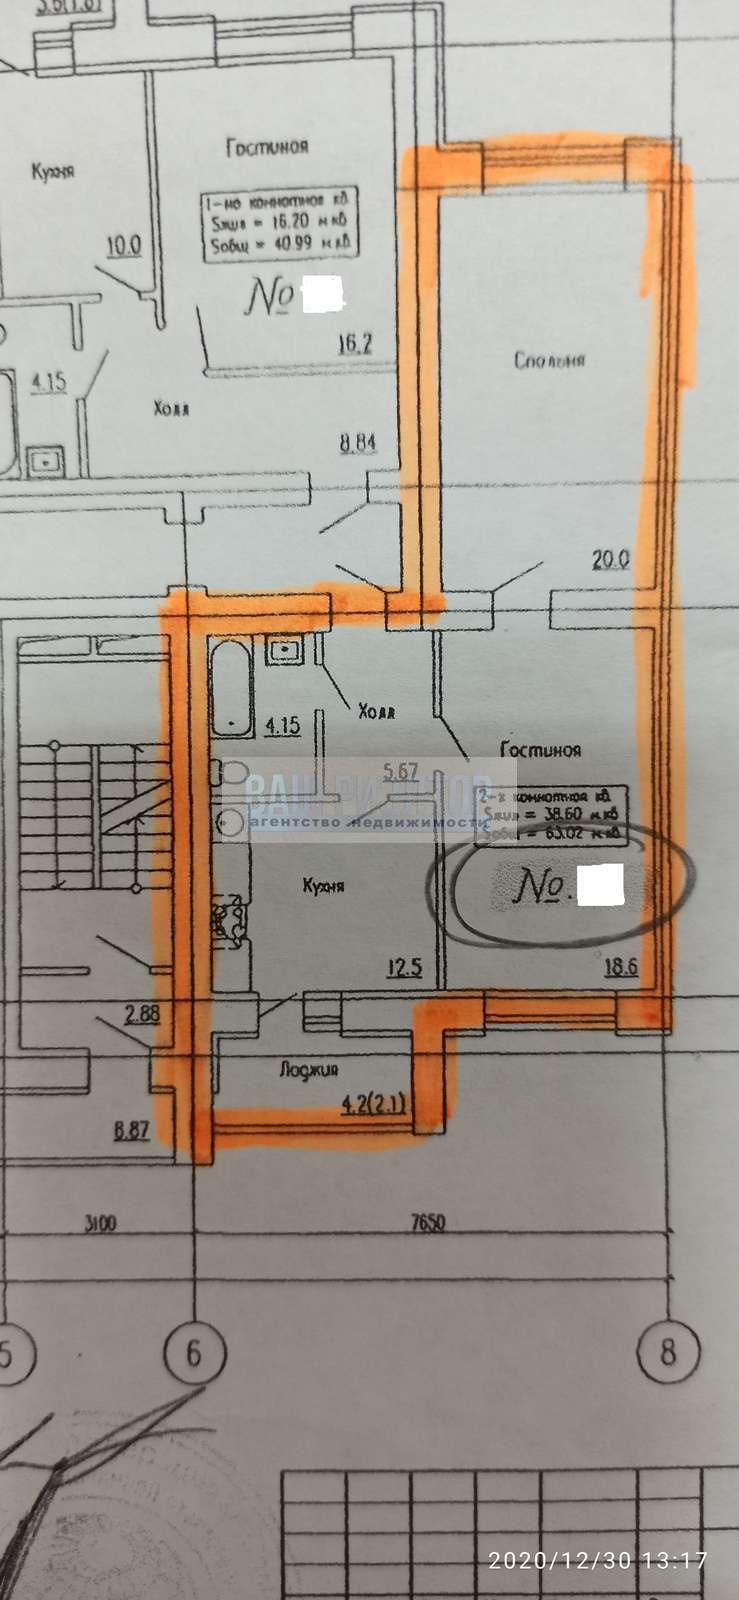 Продажа 2-комнатной новостройки, г. Тольятти, Гидротехническая улица  дом 24В